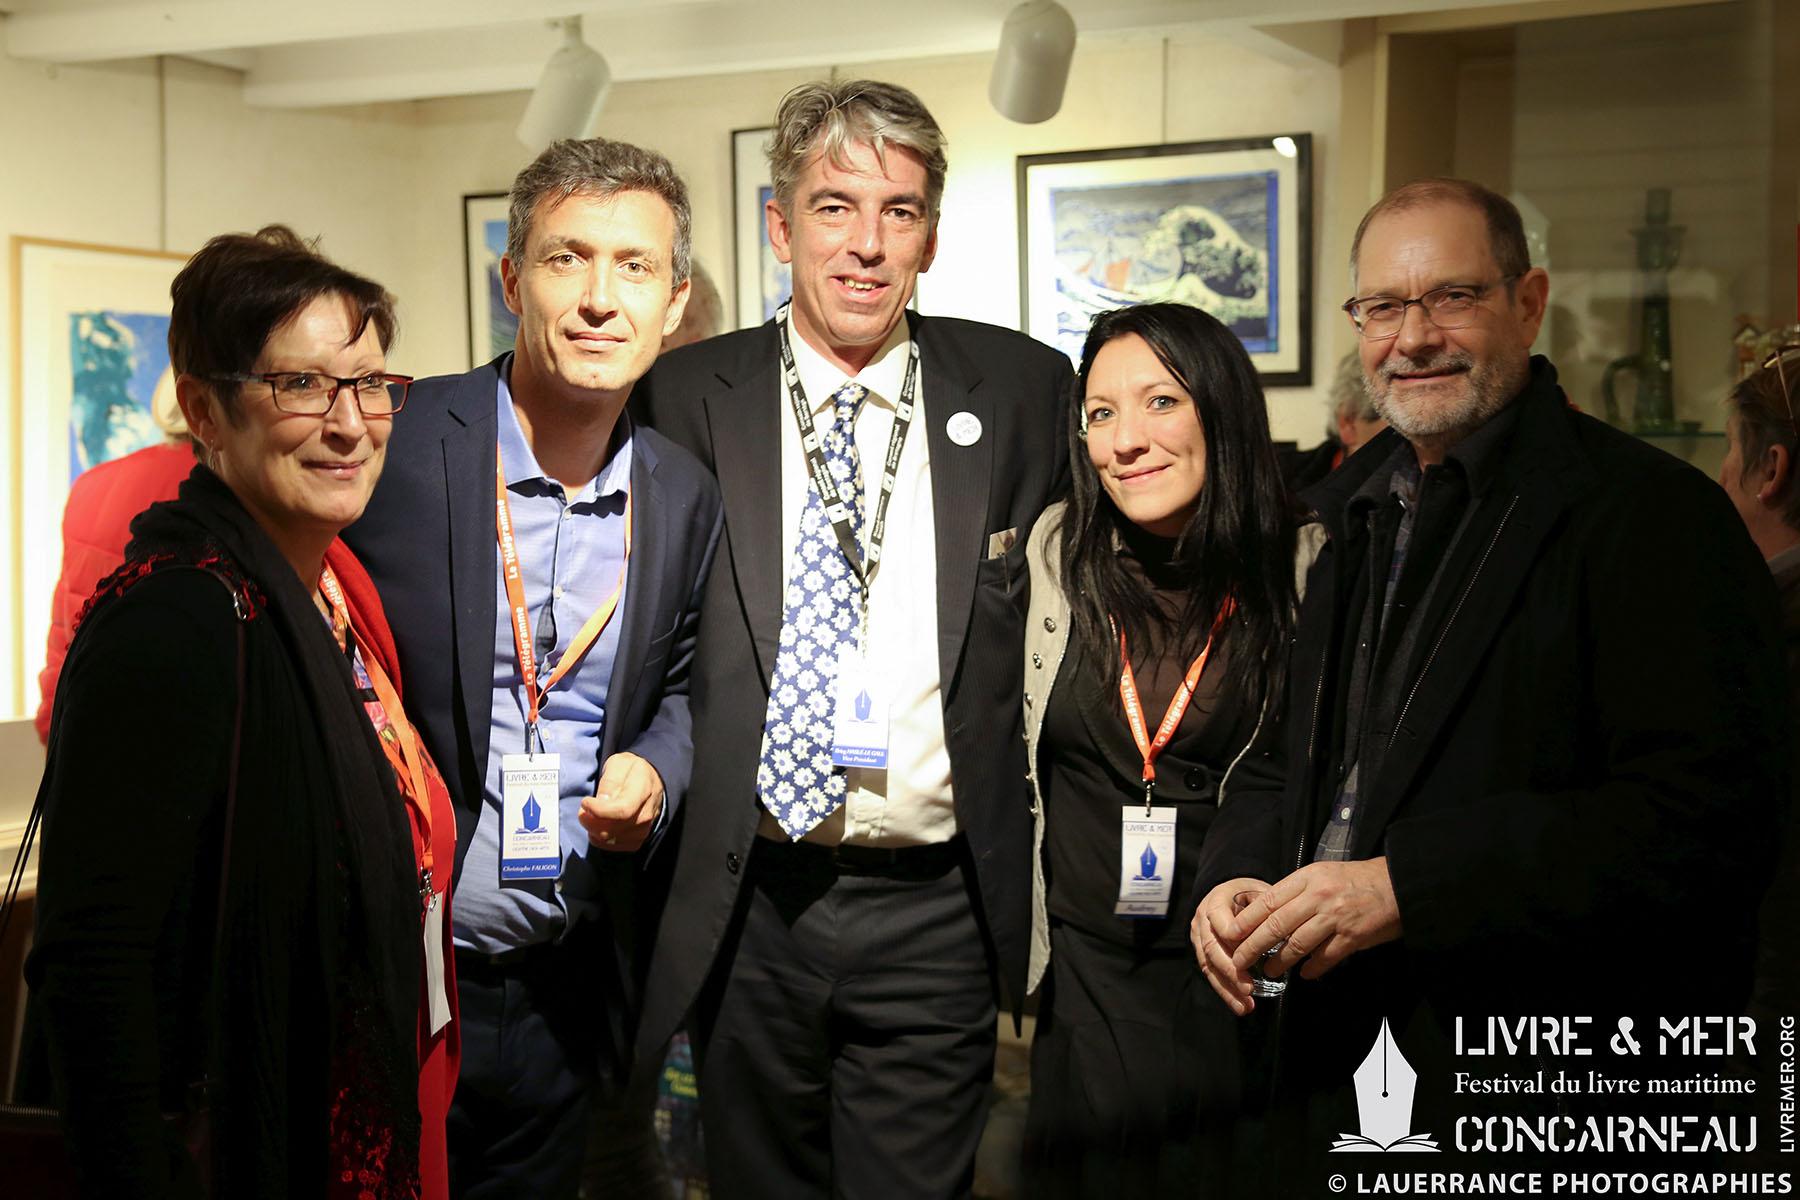 Mado, Christophe, BHLG, Audrey & Jean-Paul Honoré © Lauerrance Photographies